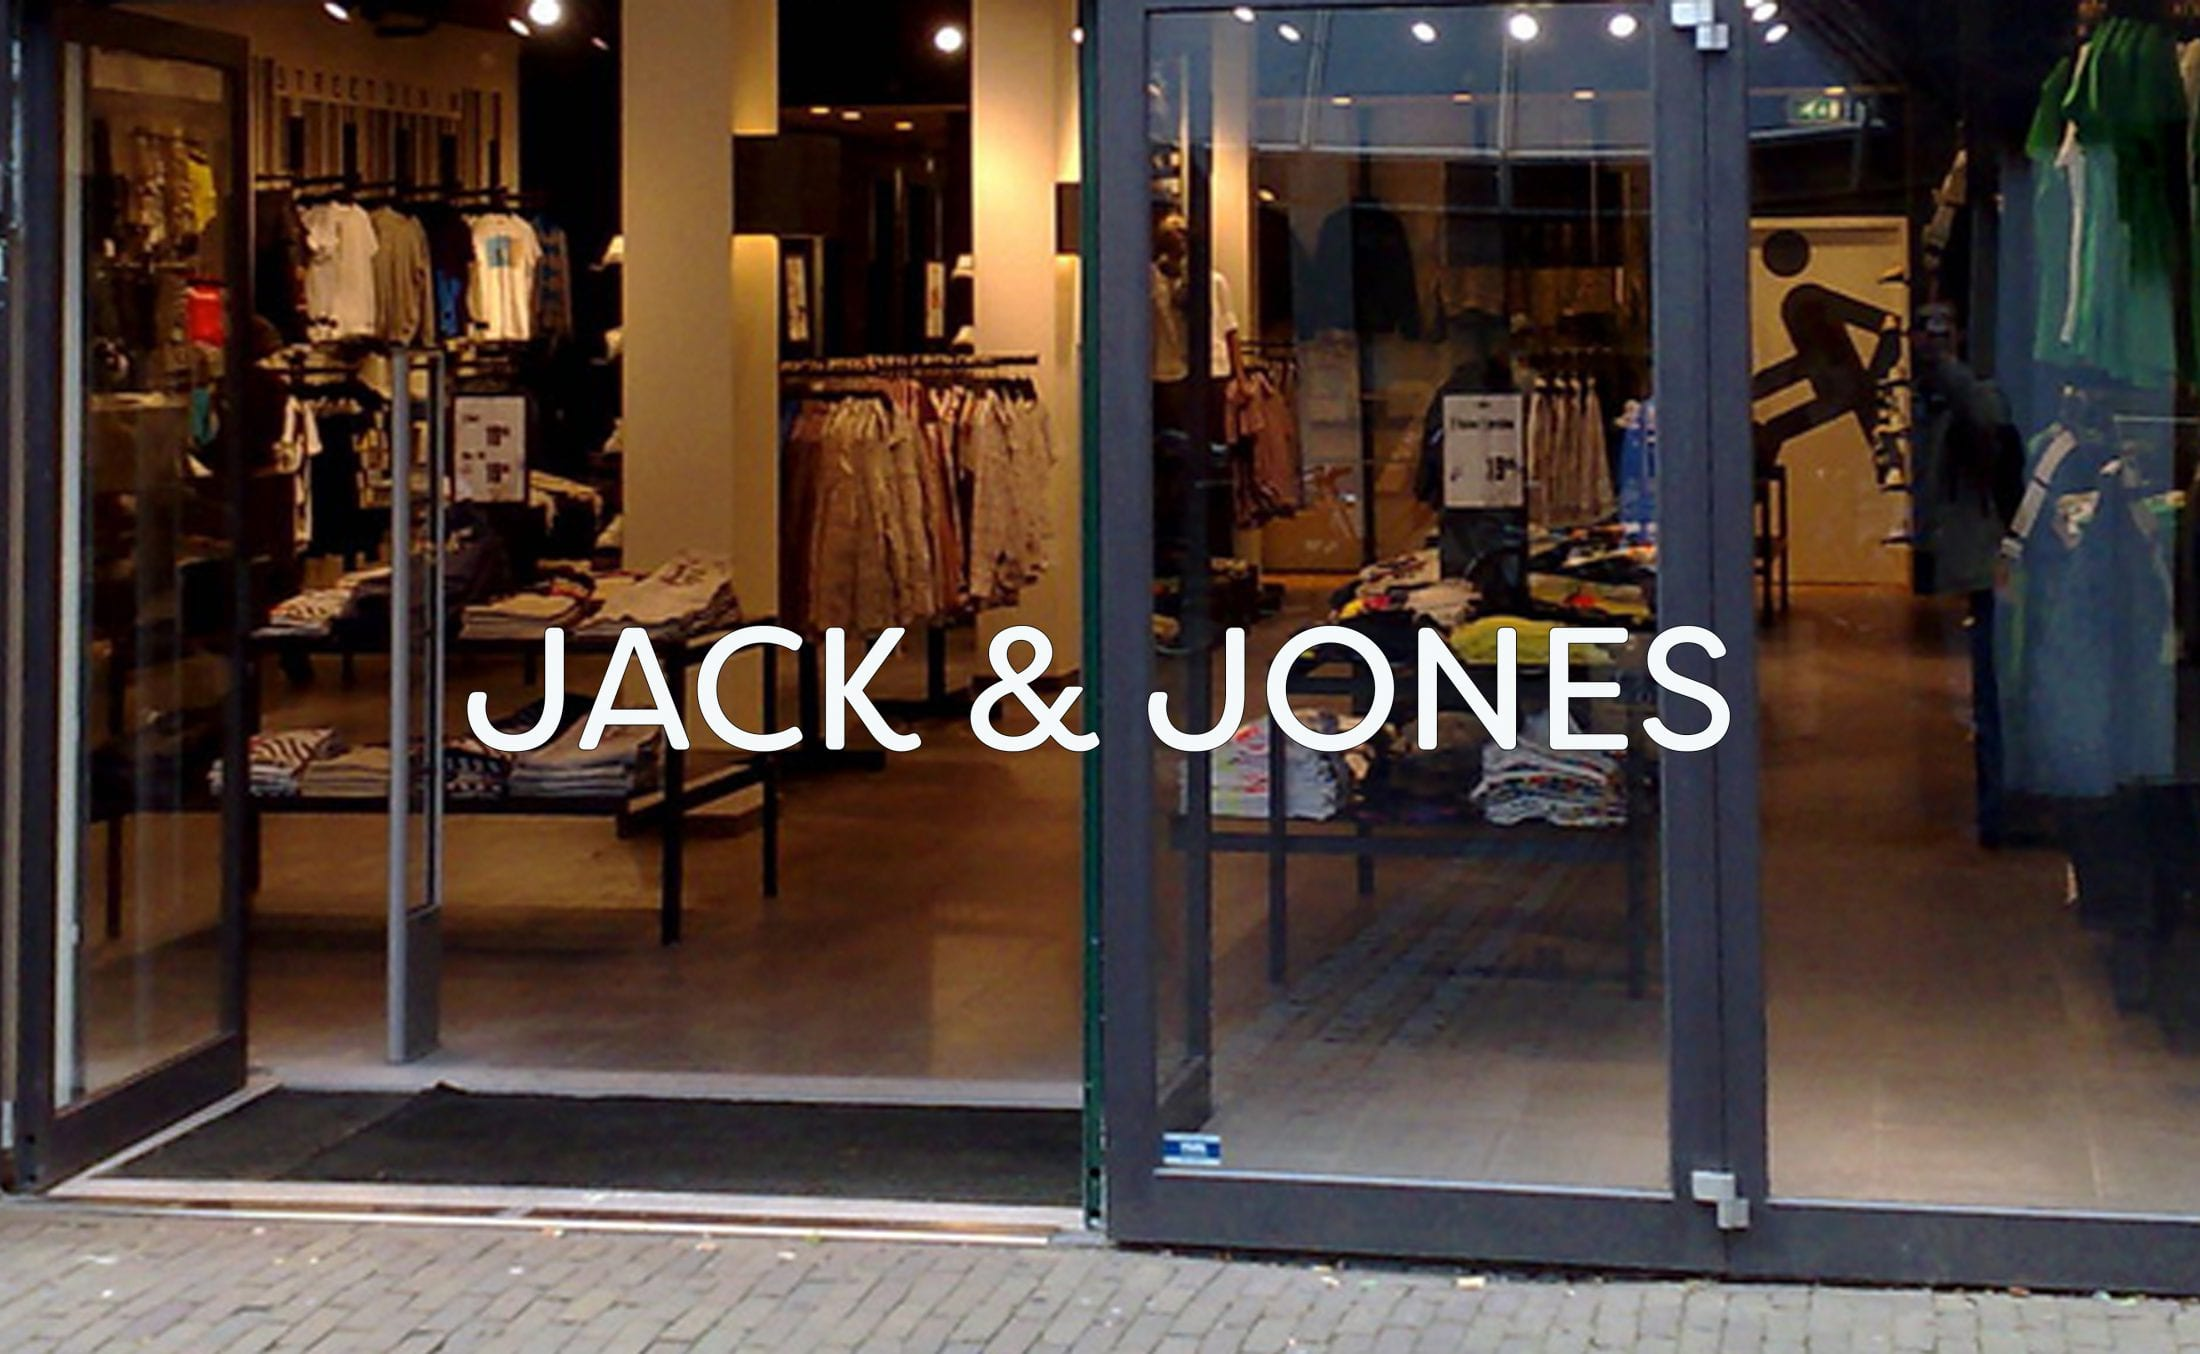 Jack & Jones